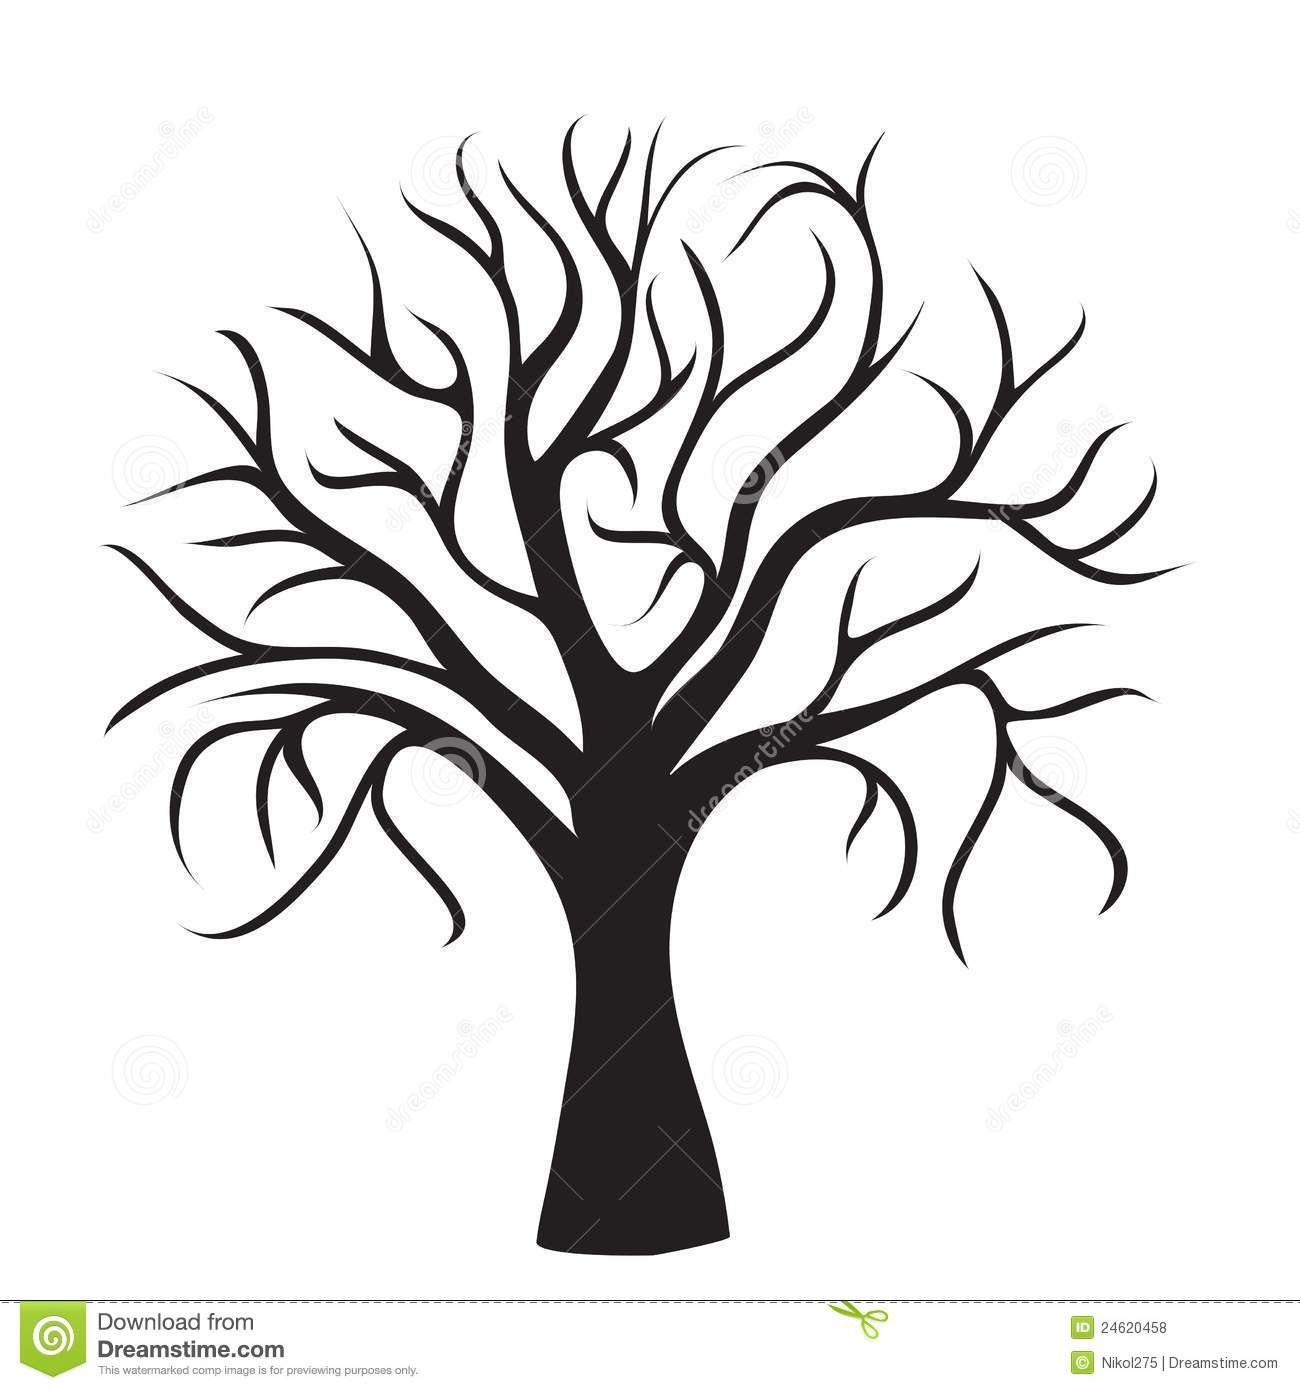 Vorlage Baum   Baum Umriss, Baum Schablone, Baum Zeichnung für Bastelvorlage Baum